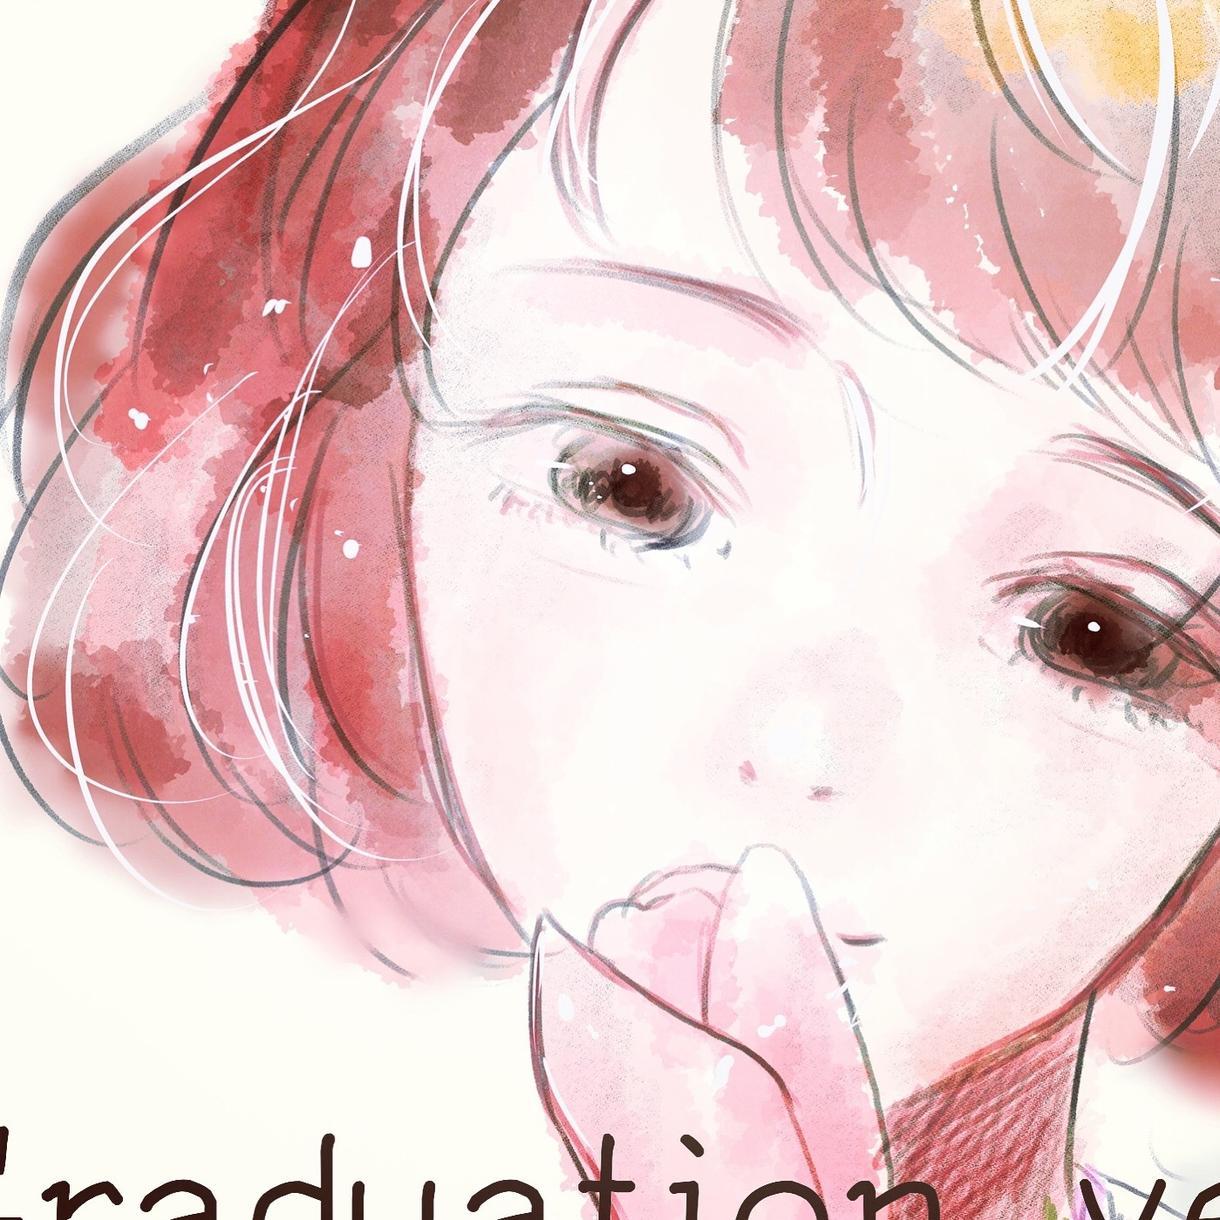 水彩風デジタルイラストおかきします ふわふわとしたかわいい水彩風イラスト!絵本の挿絵などに! イメージ1